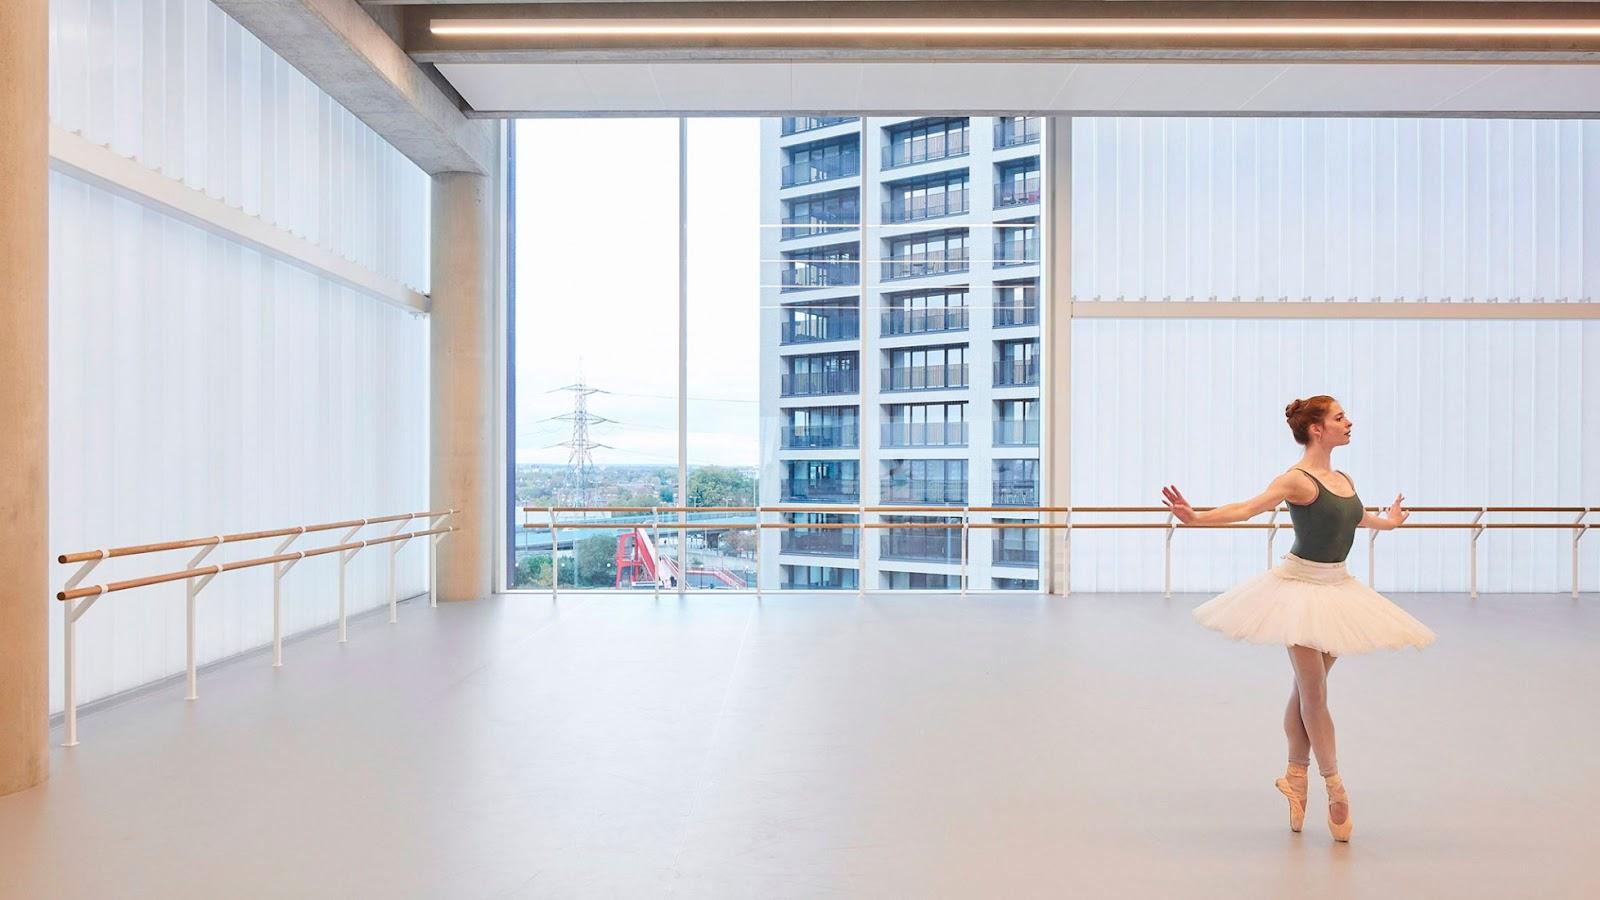 Nueva sede para el English National Ballet por Glenn Howells Architects. Fotografía por Hufton + Crow